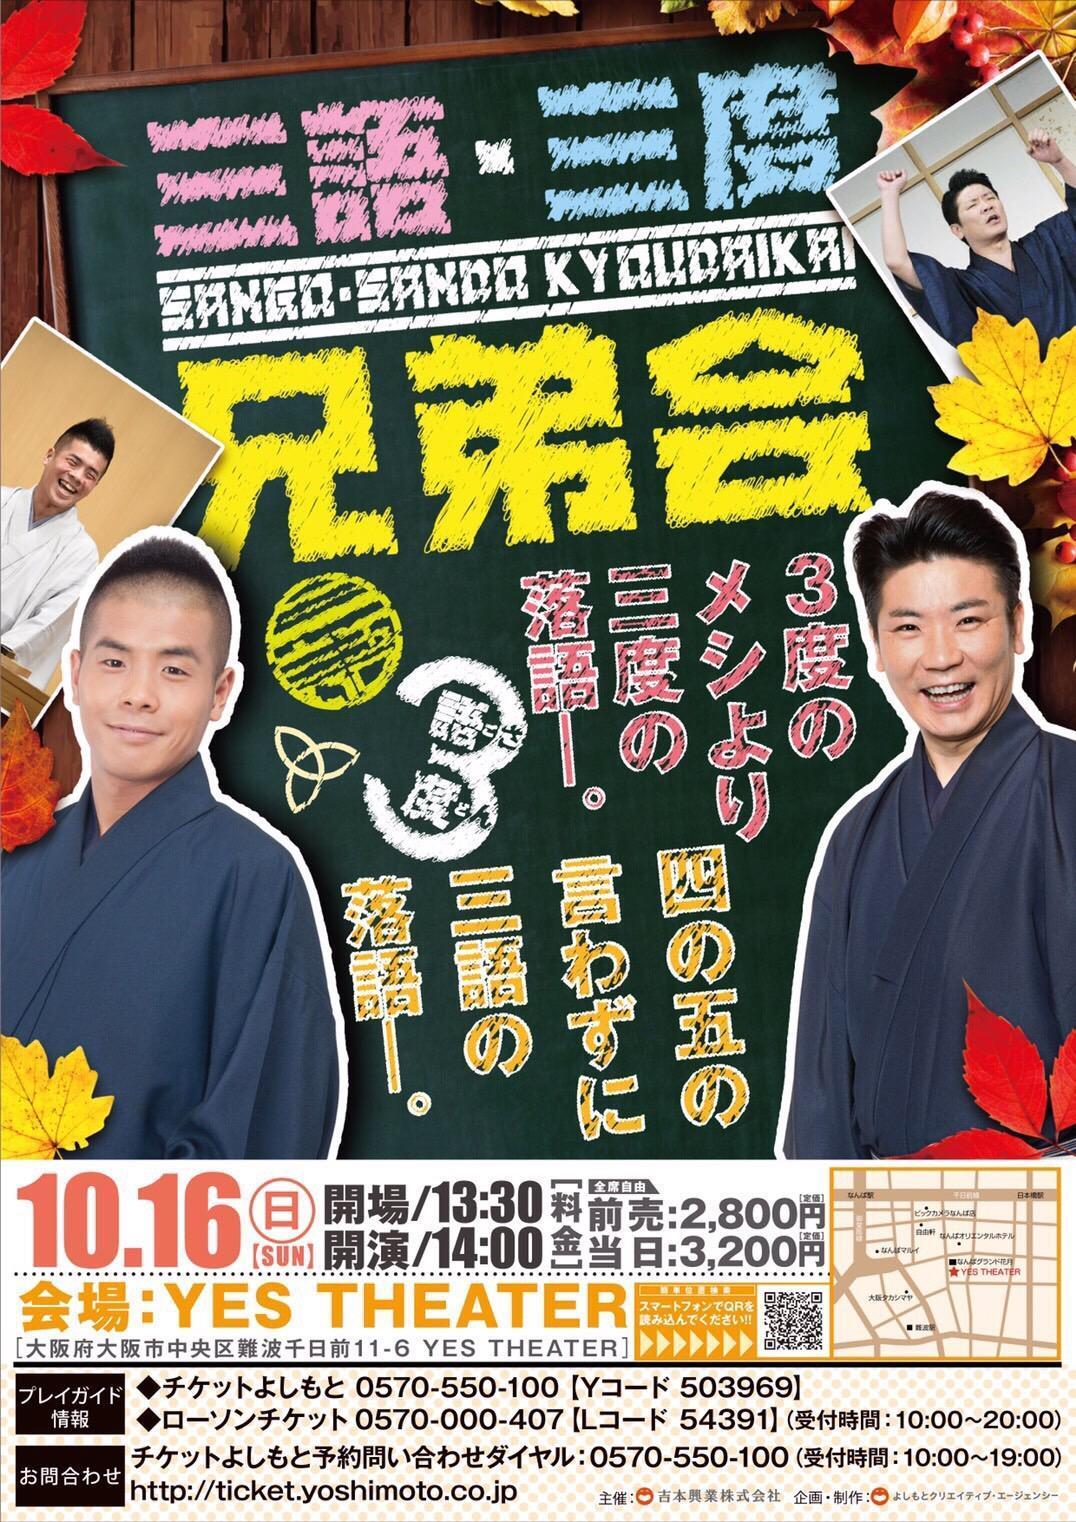 http://news.yoshimoto.co.jp/20161013205400-0dbb30a86dff5695be22bf85716c75b2d5b2ba4d.jpg